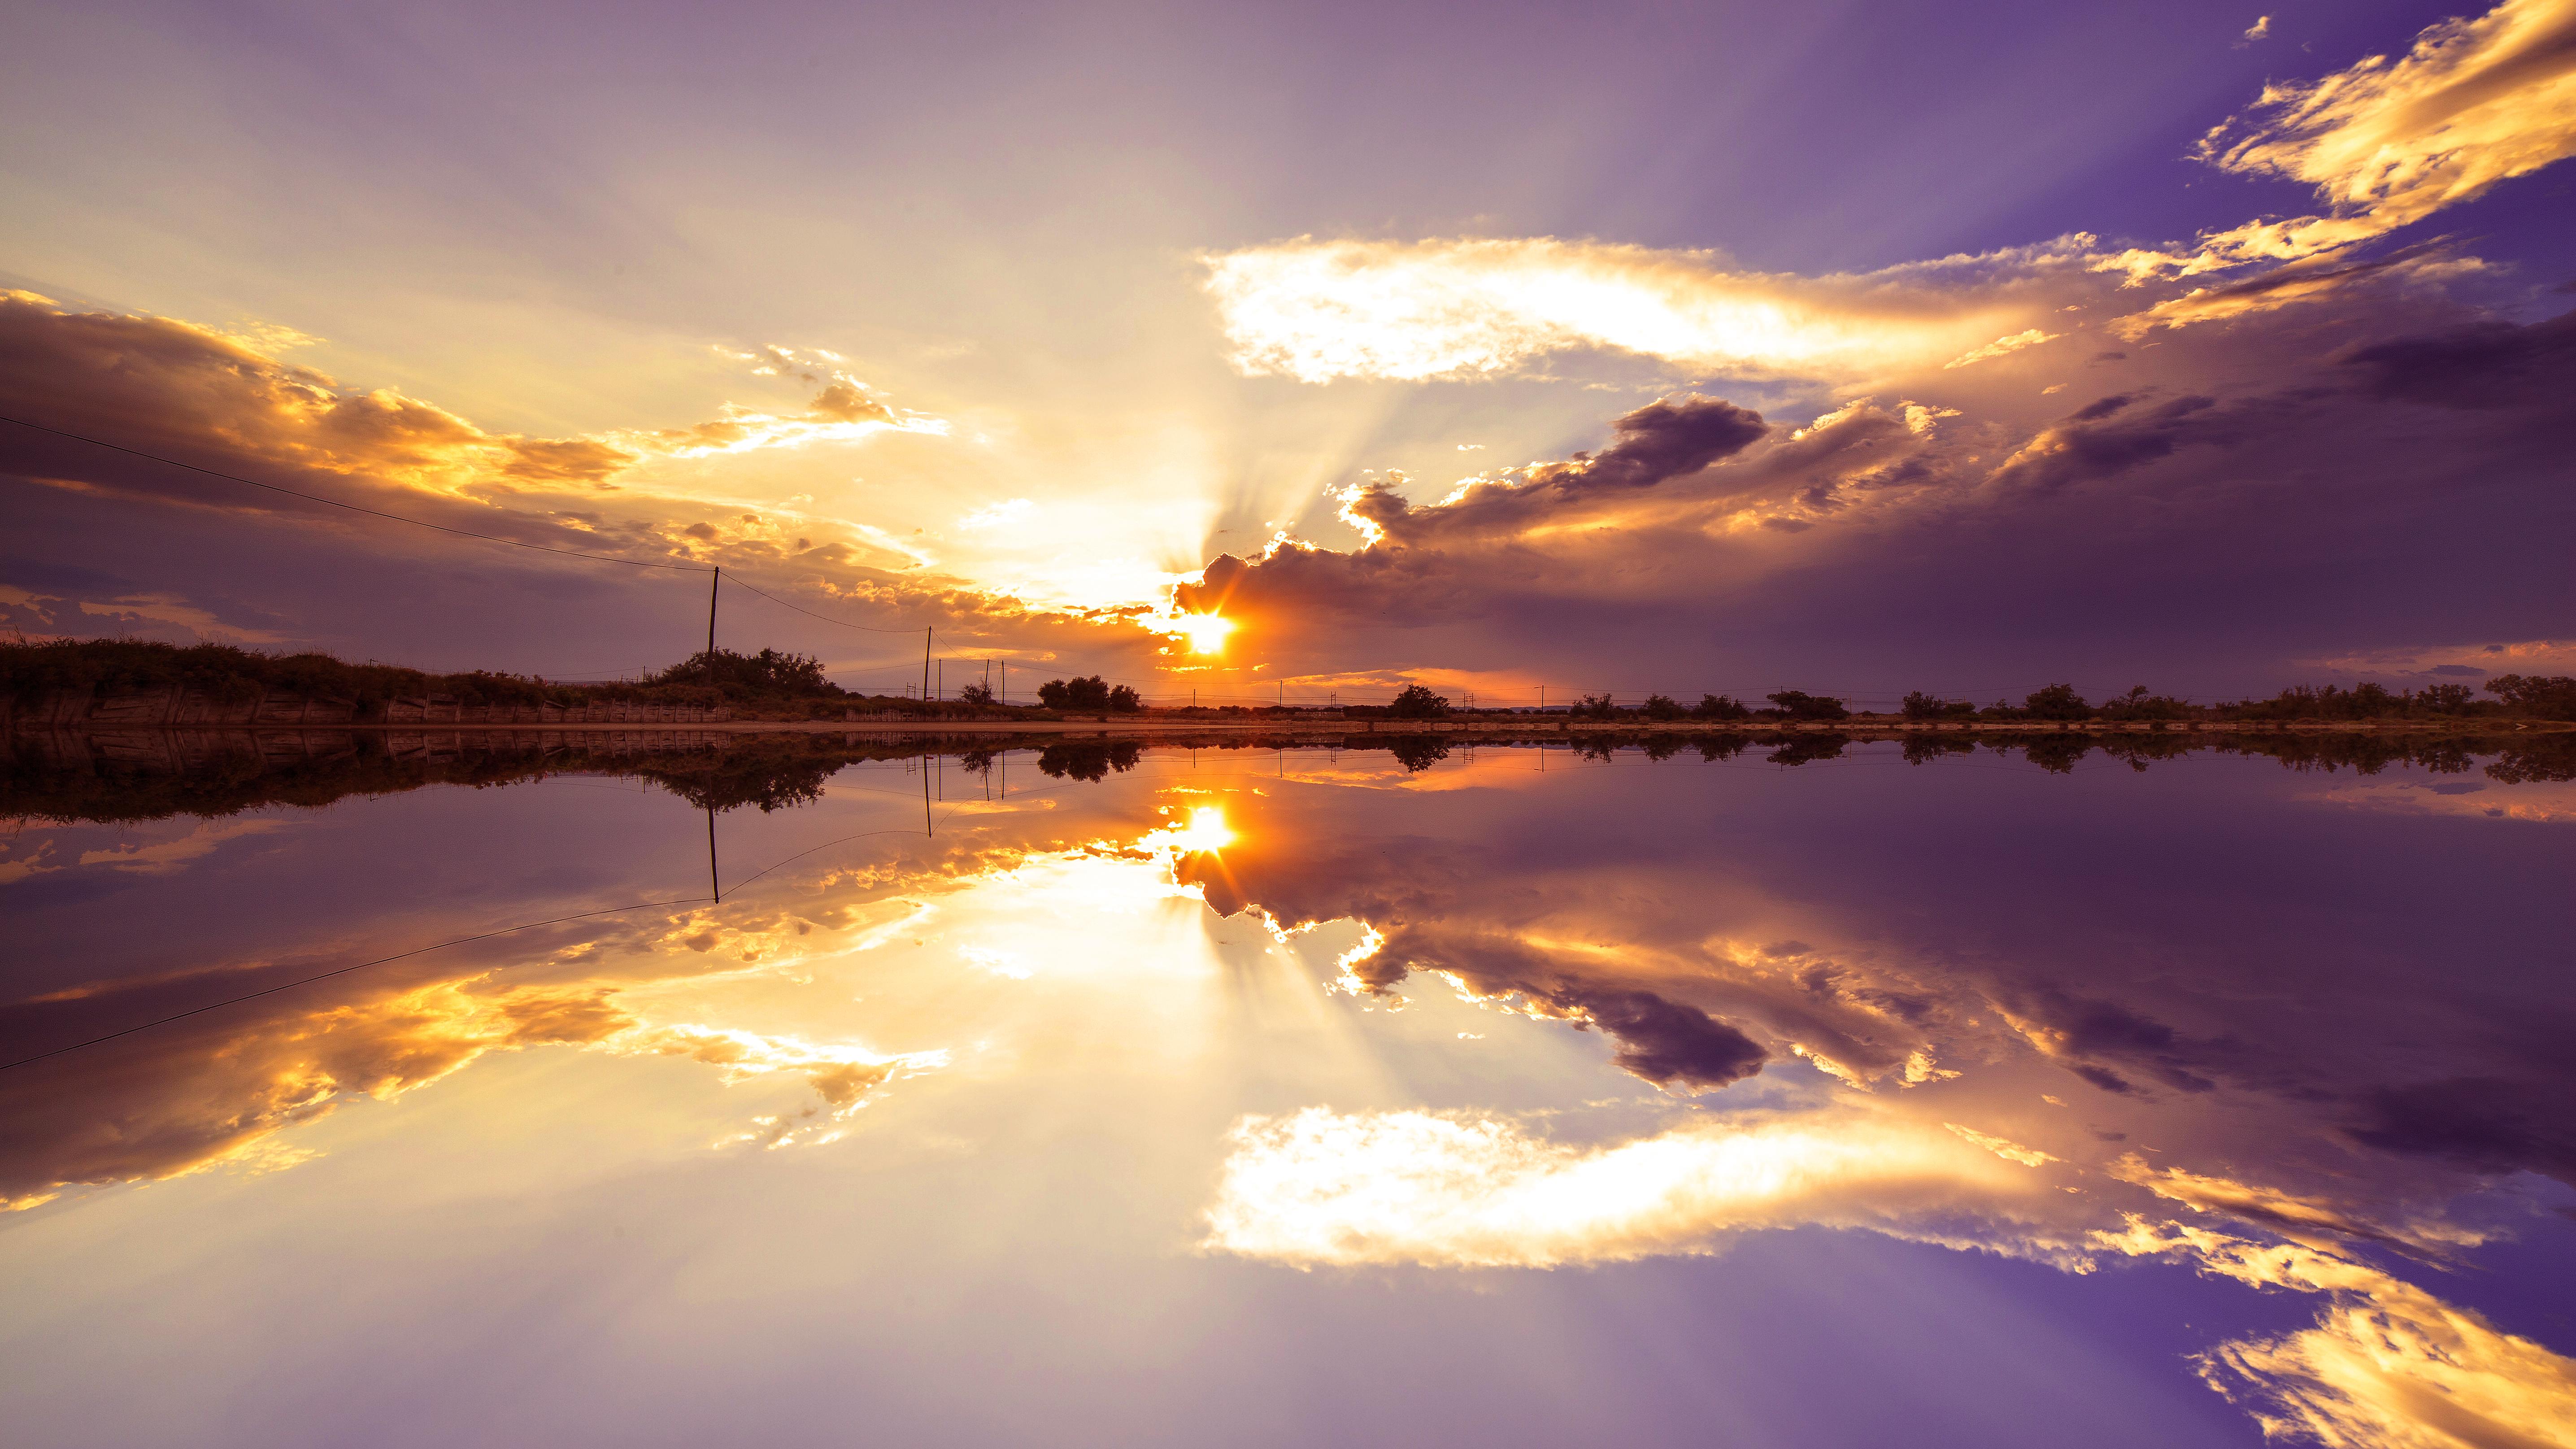 правильное фотографируем восход солнца наверное придумывали же